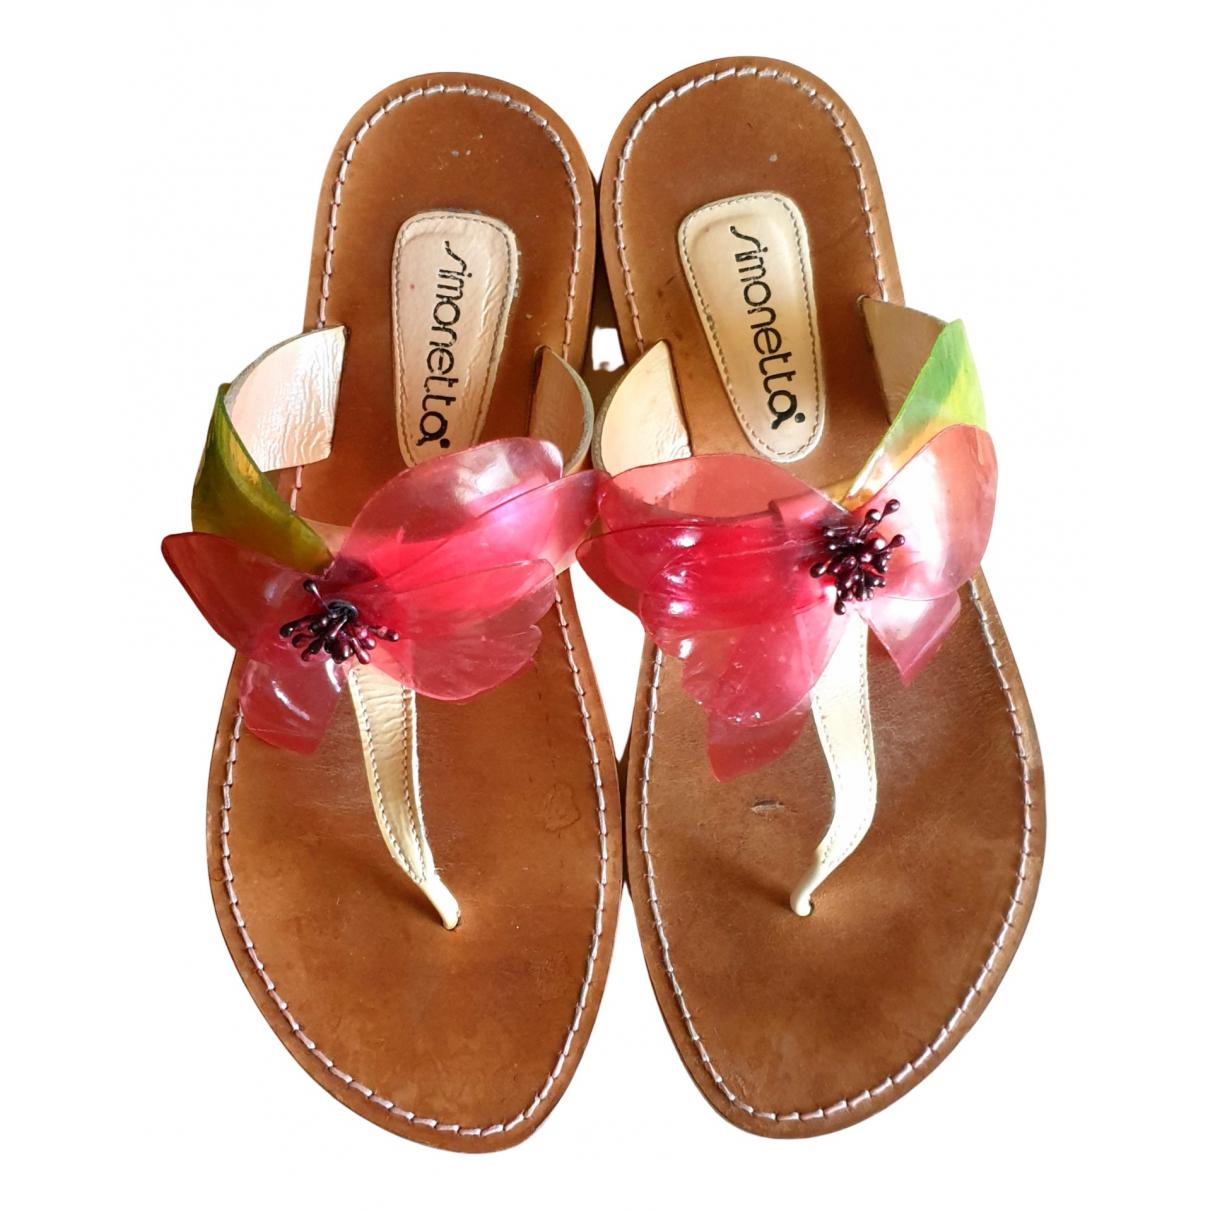 Simonetta - Sandales   pour femme en cuir - multicolore